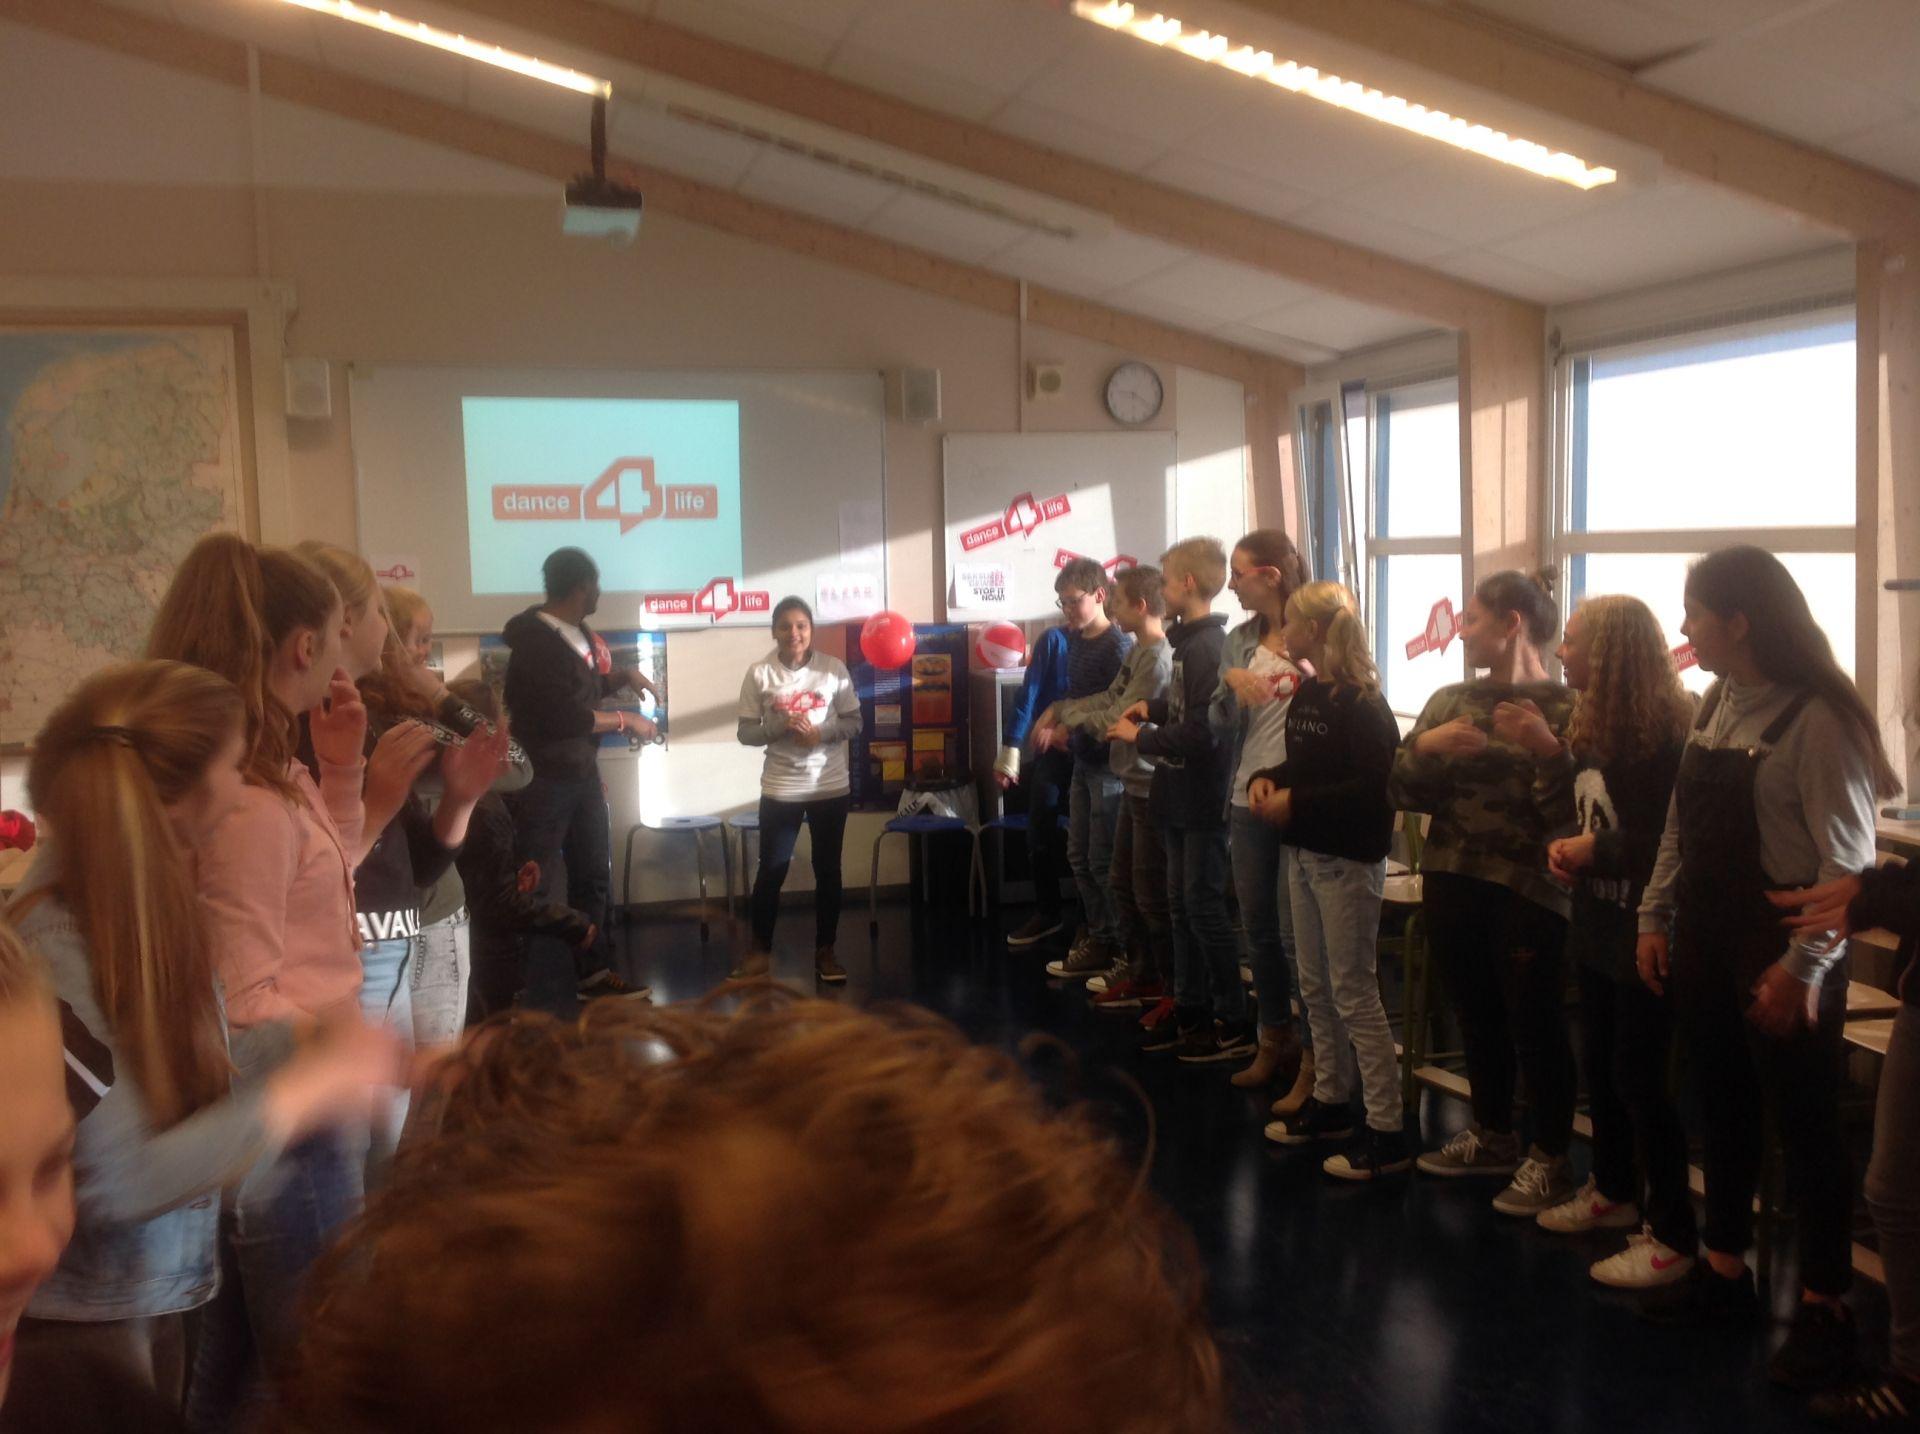 Leerlingen Twickelcollege Delden dansen 2 uur bij kerstactie tegen seksueel geweld